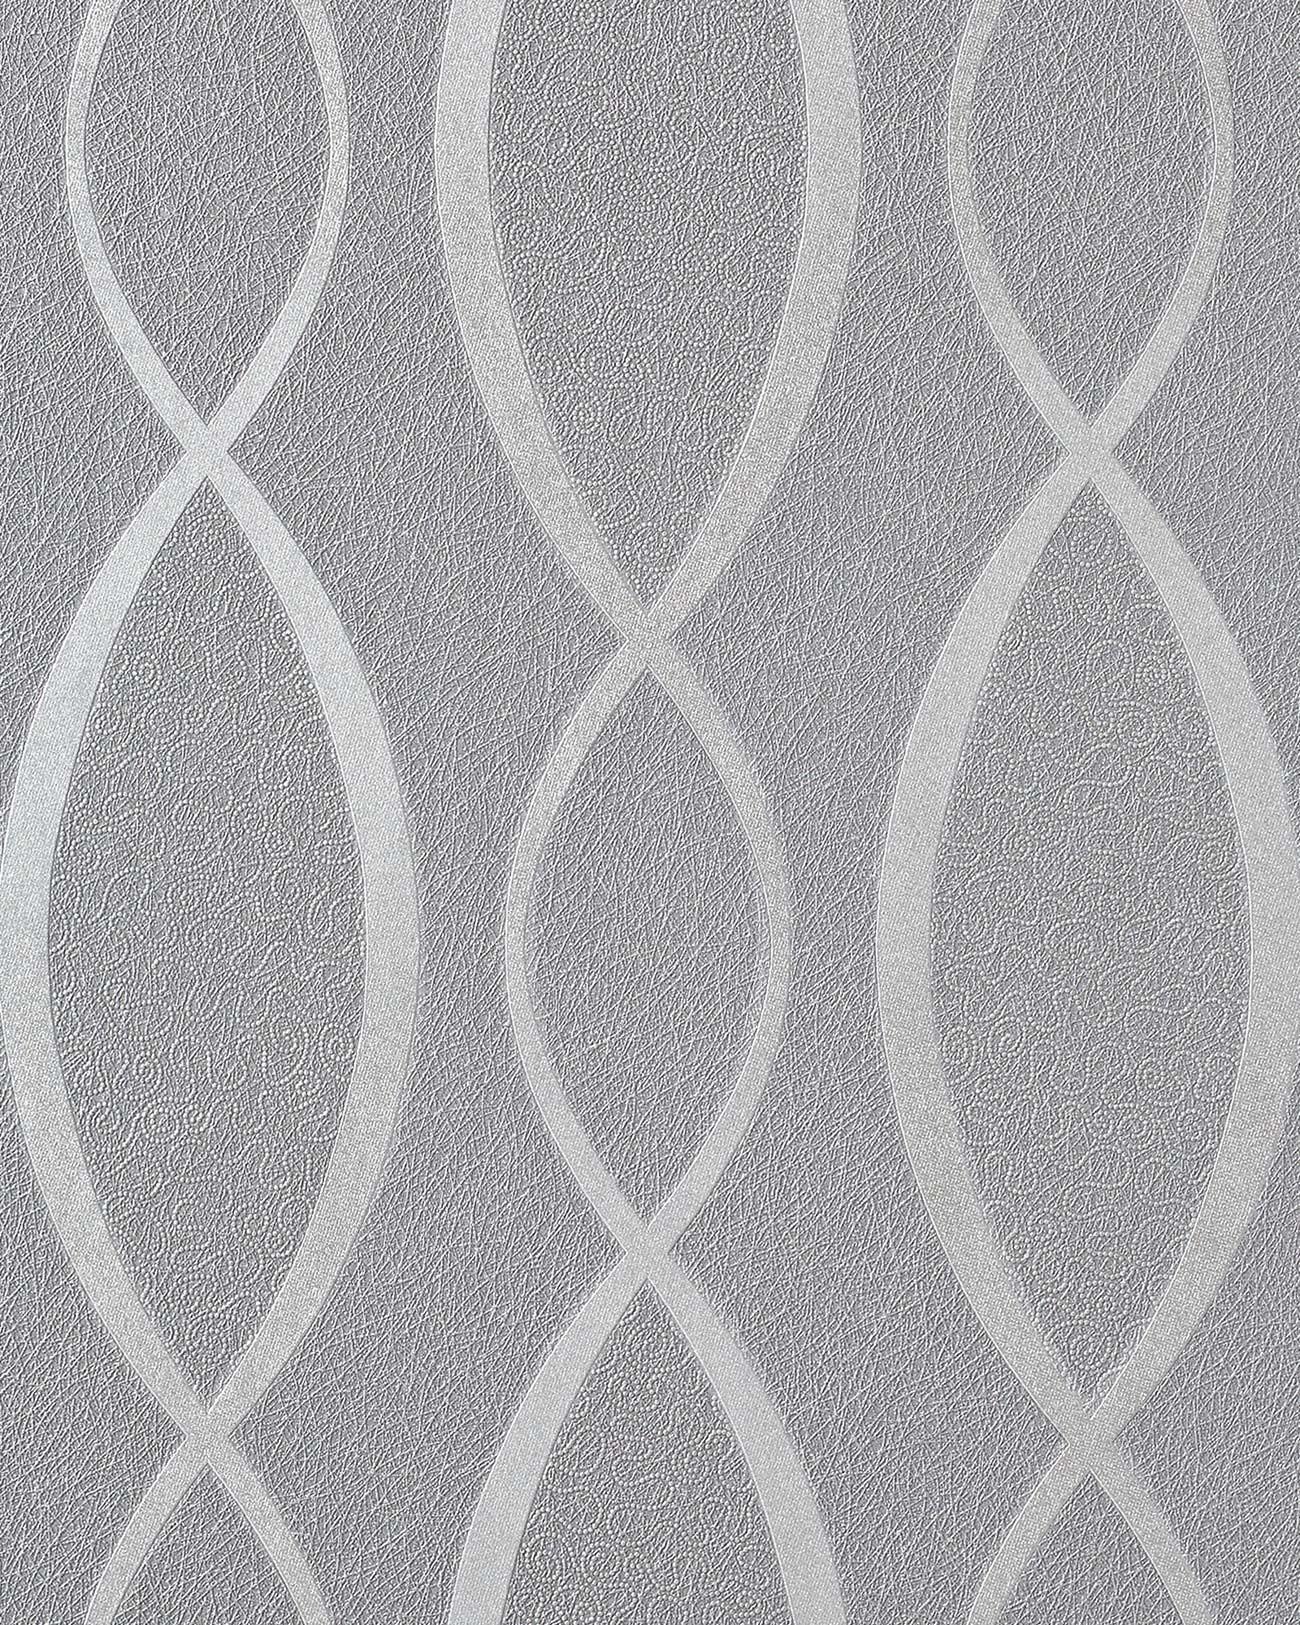 ... 16 carta da parati a linee ondulate incrociate glitterata stile Retro